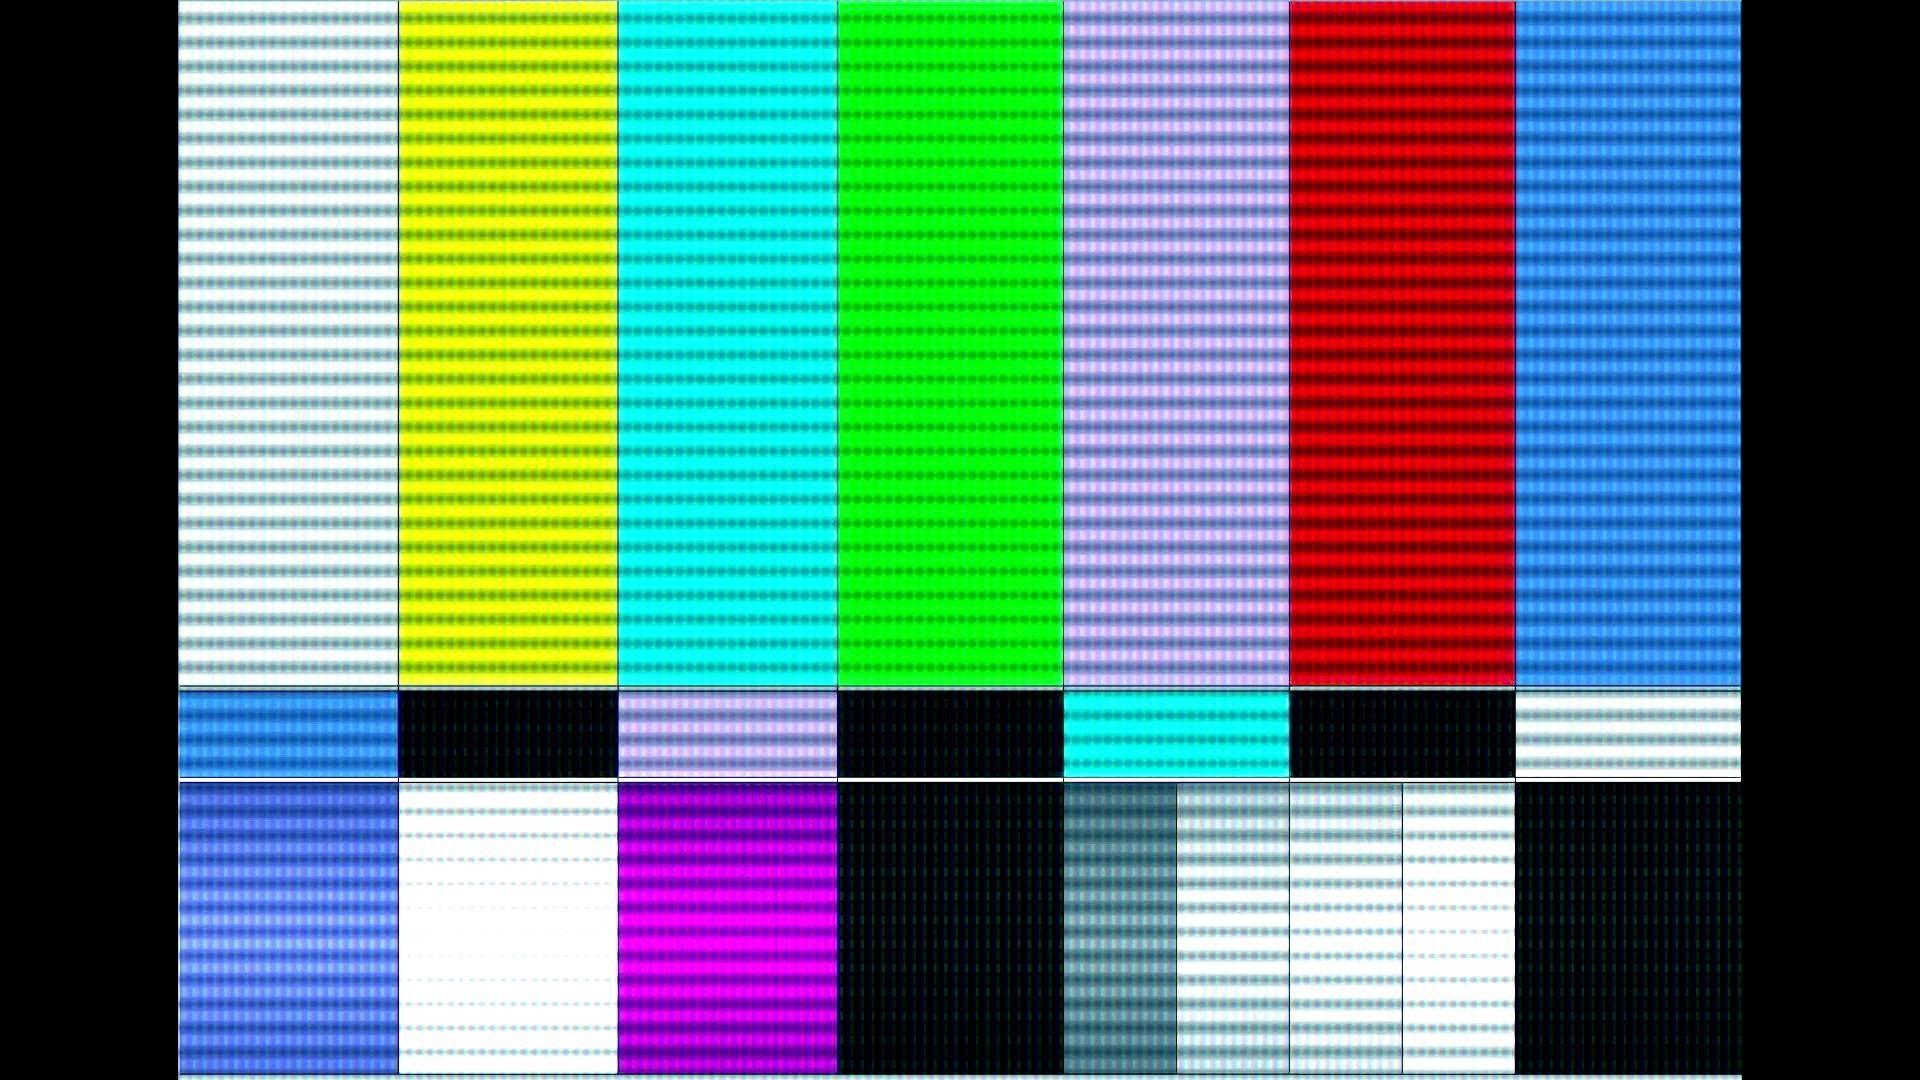 Wallpaper TV Screen – WallpaperSafari